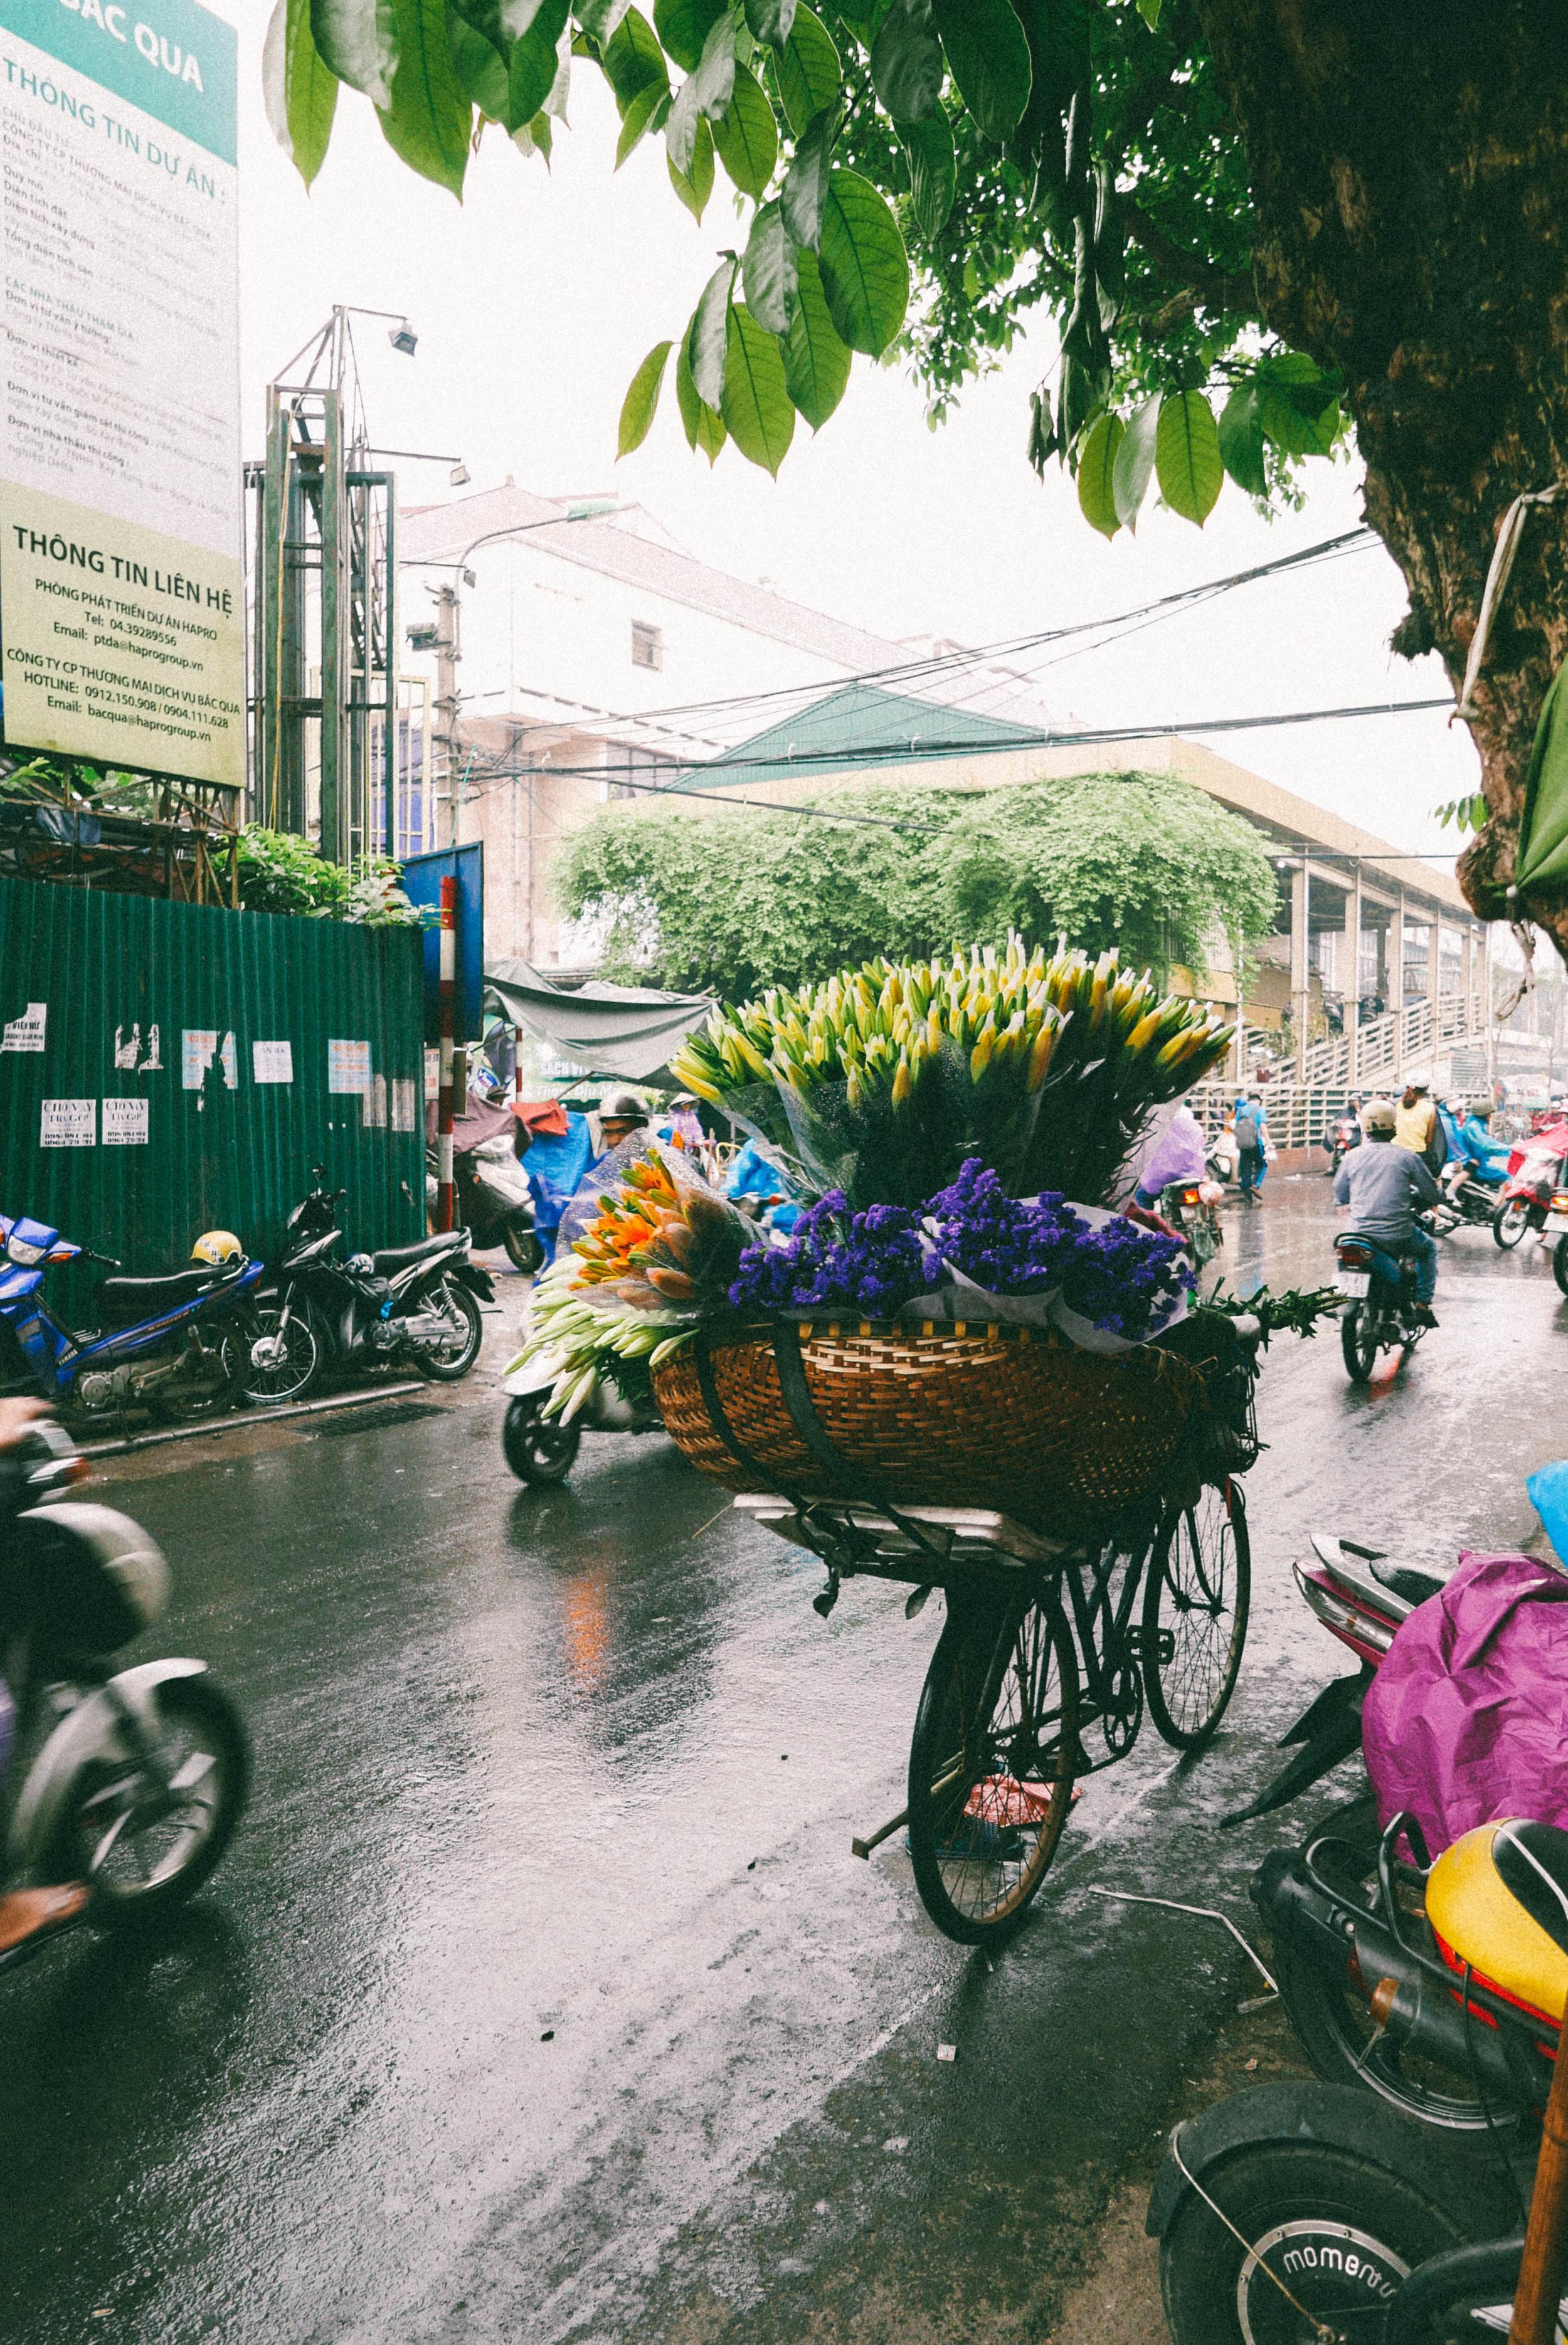 A florist on wheels.